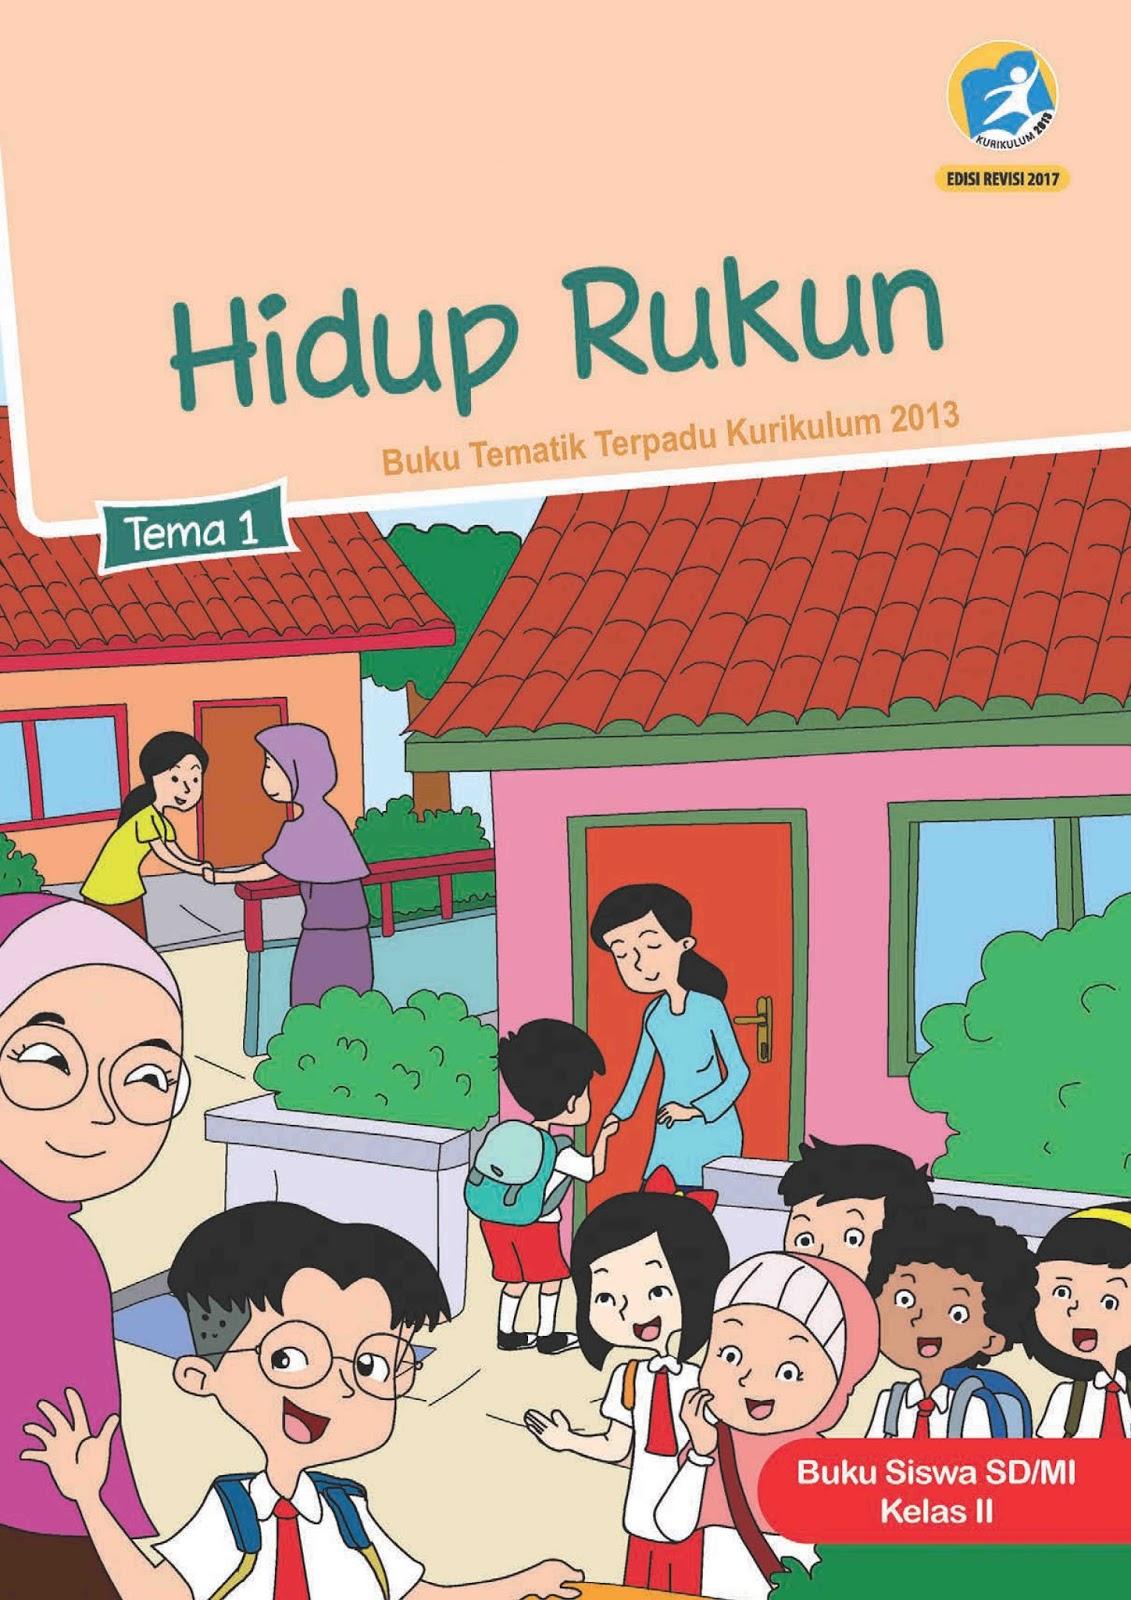 Download Buku Tema 1 Kelas 1 Sd : download, kelas, Hidup, Rukun, Kelas, Kurikulum, Edisi, Revisi, Download, Tematik